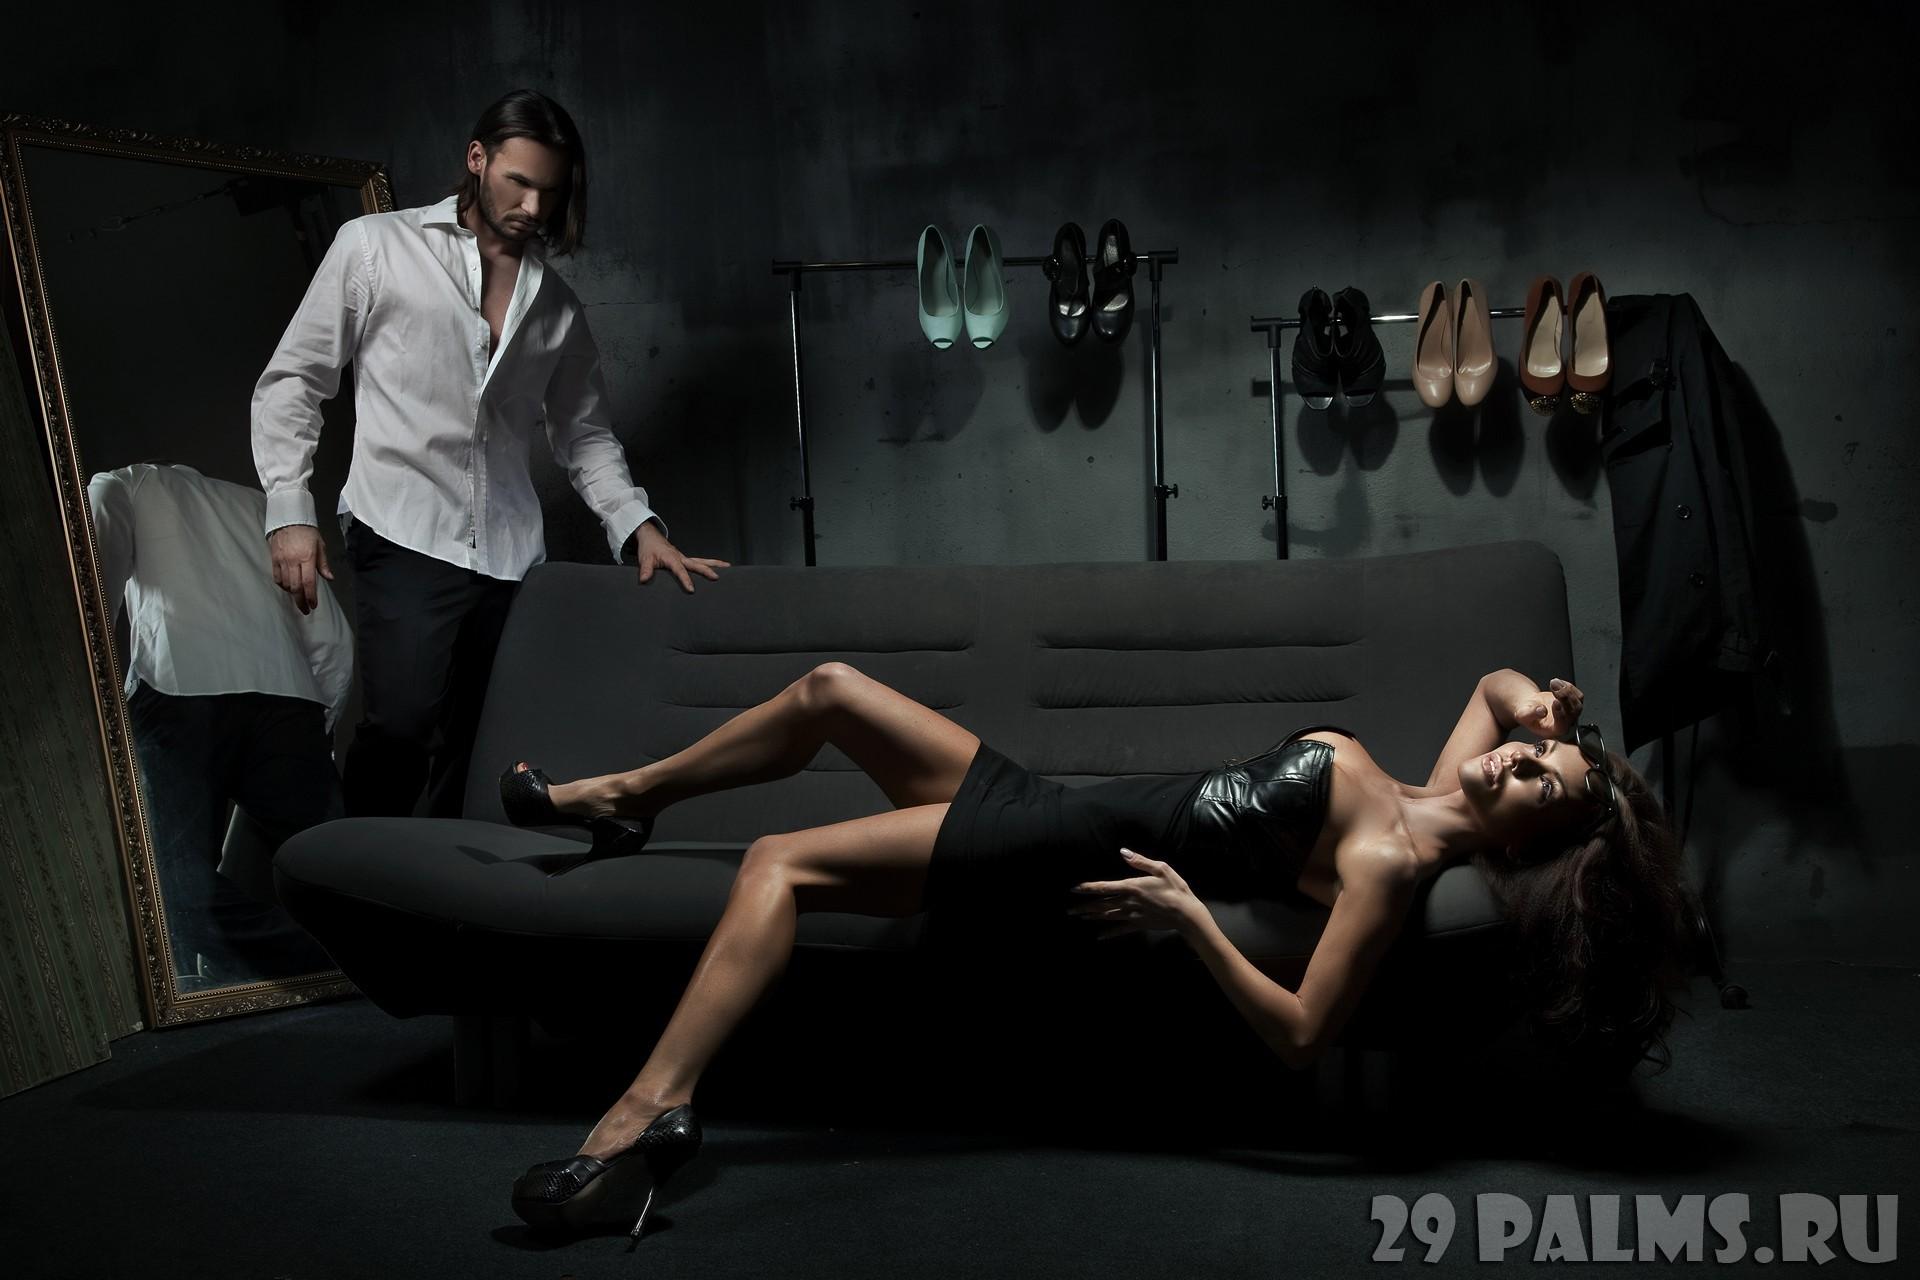 Сексуальные увлечения женщин 13 фотография